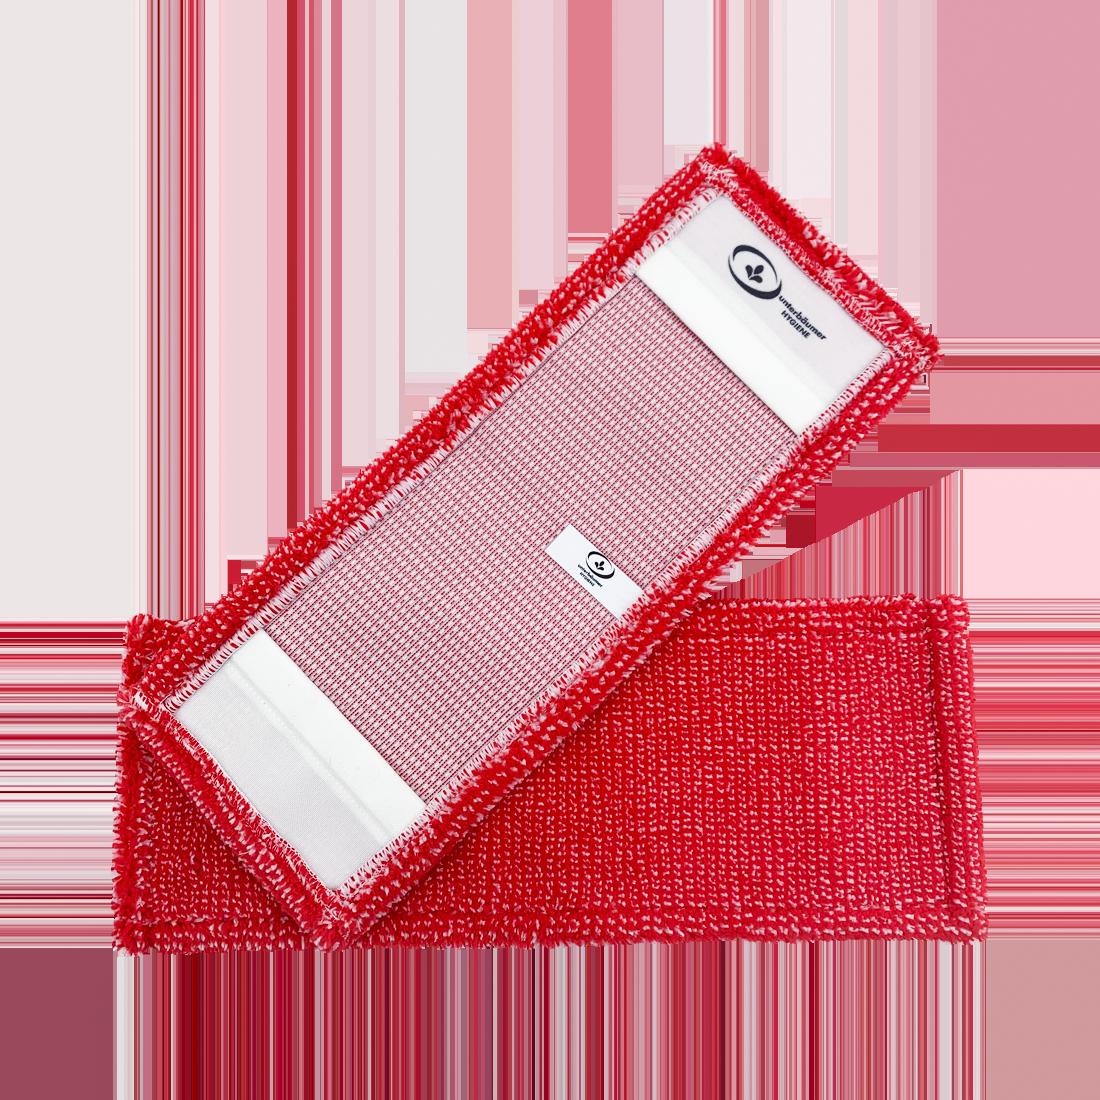 UH PREMIUM Microfasermopp RED, für den Sanitärbereich, rot, 40 cm